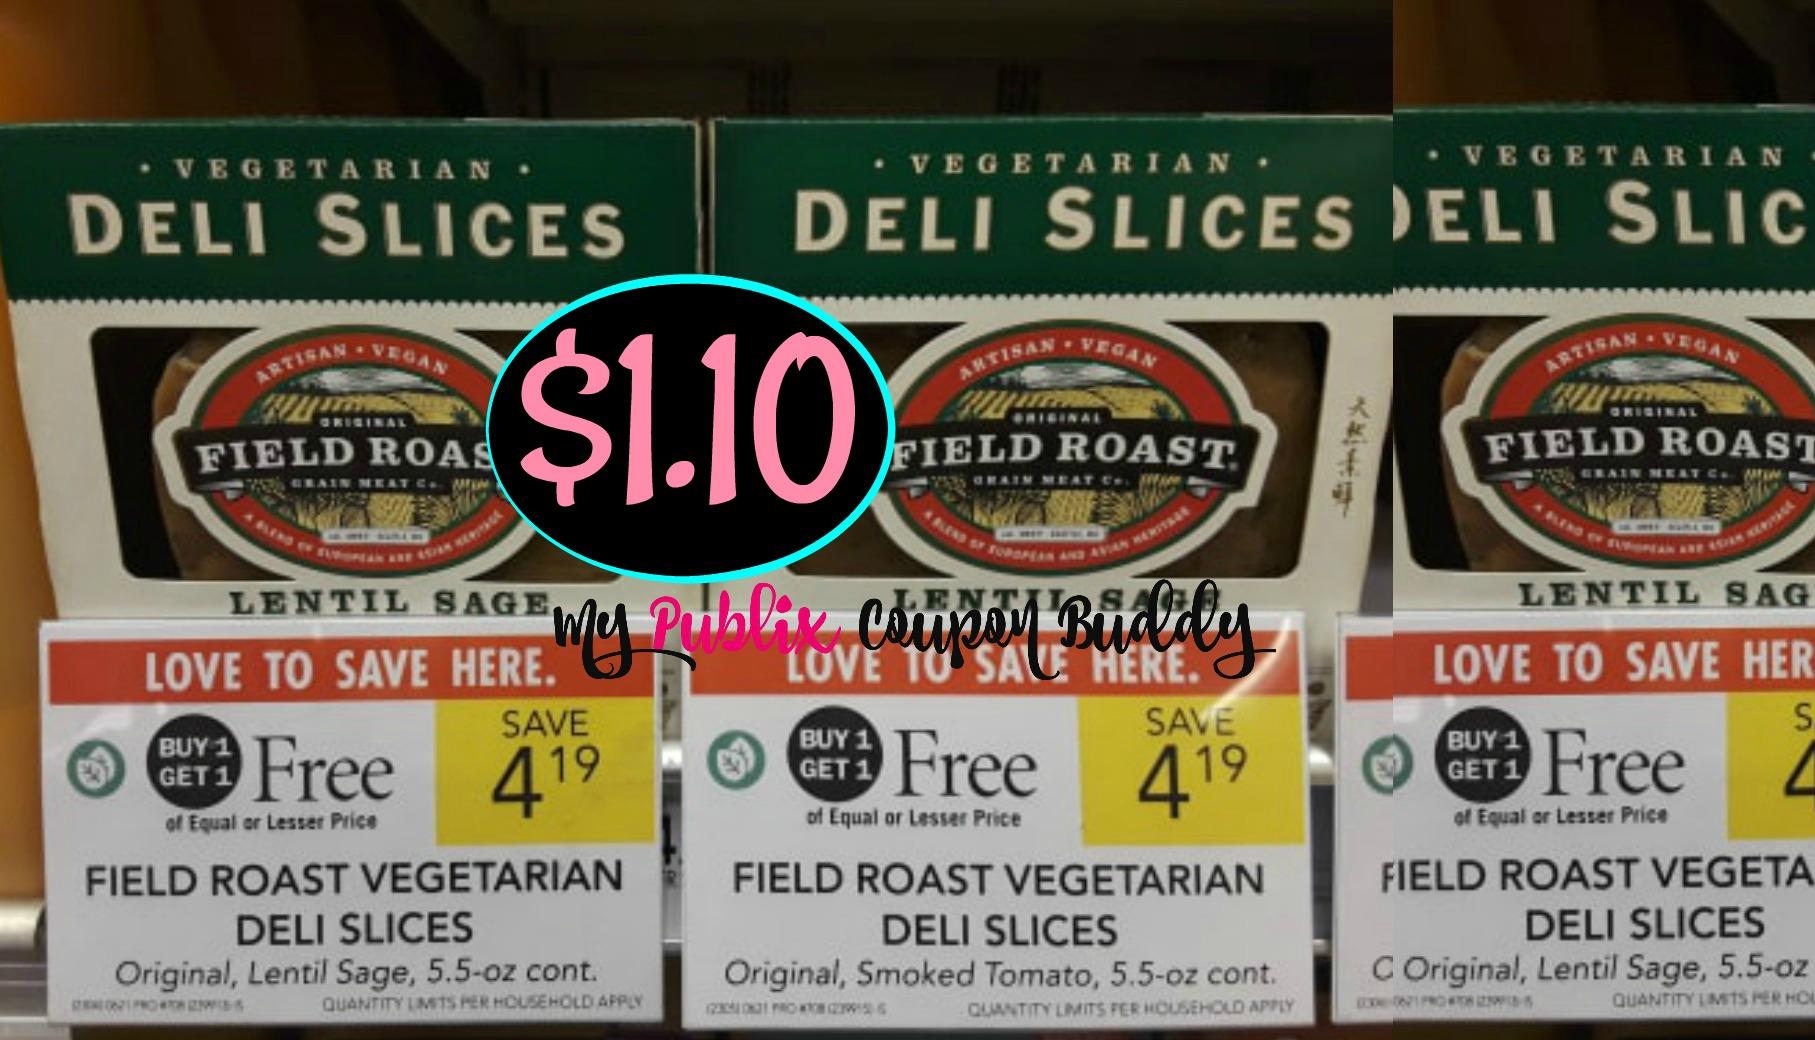 a6042cfb75f4 Field Roast Vegetarian Deli Slices  1.10 at Publix